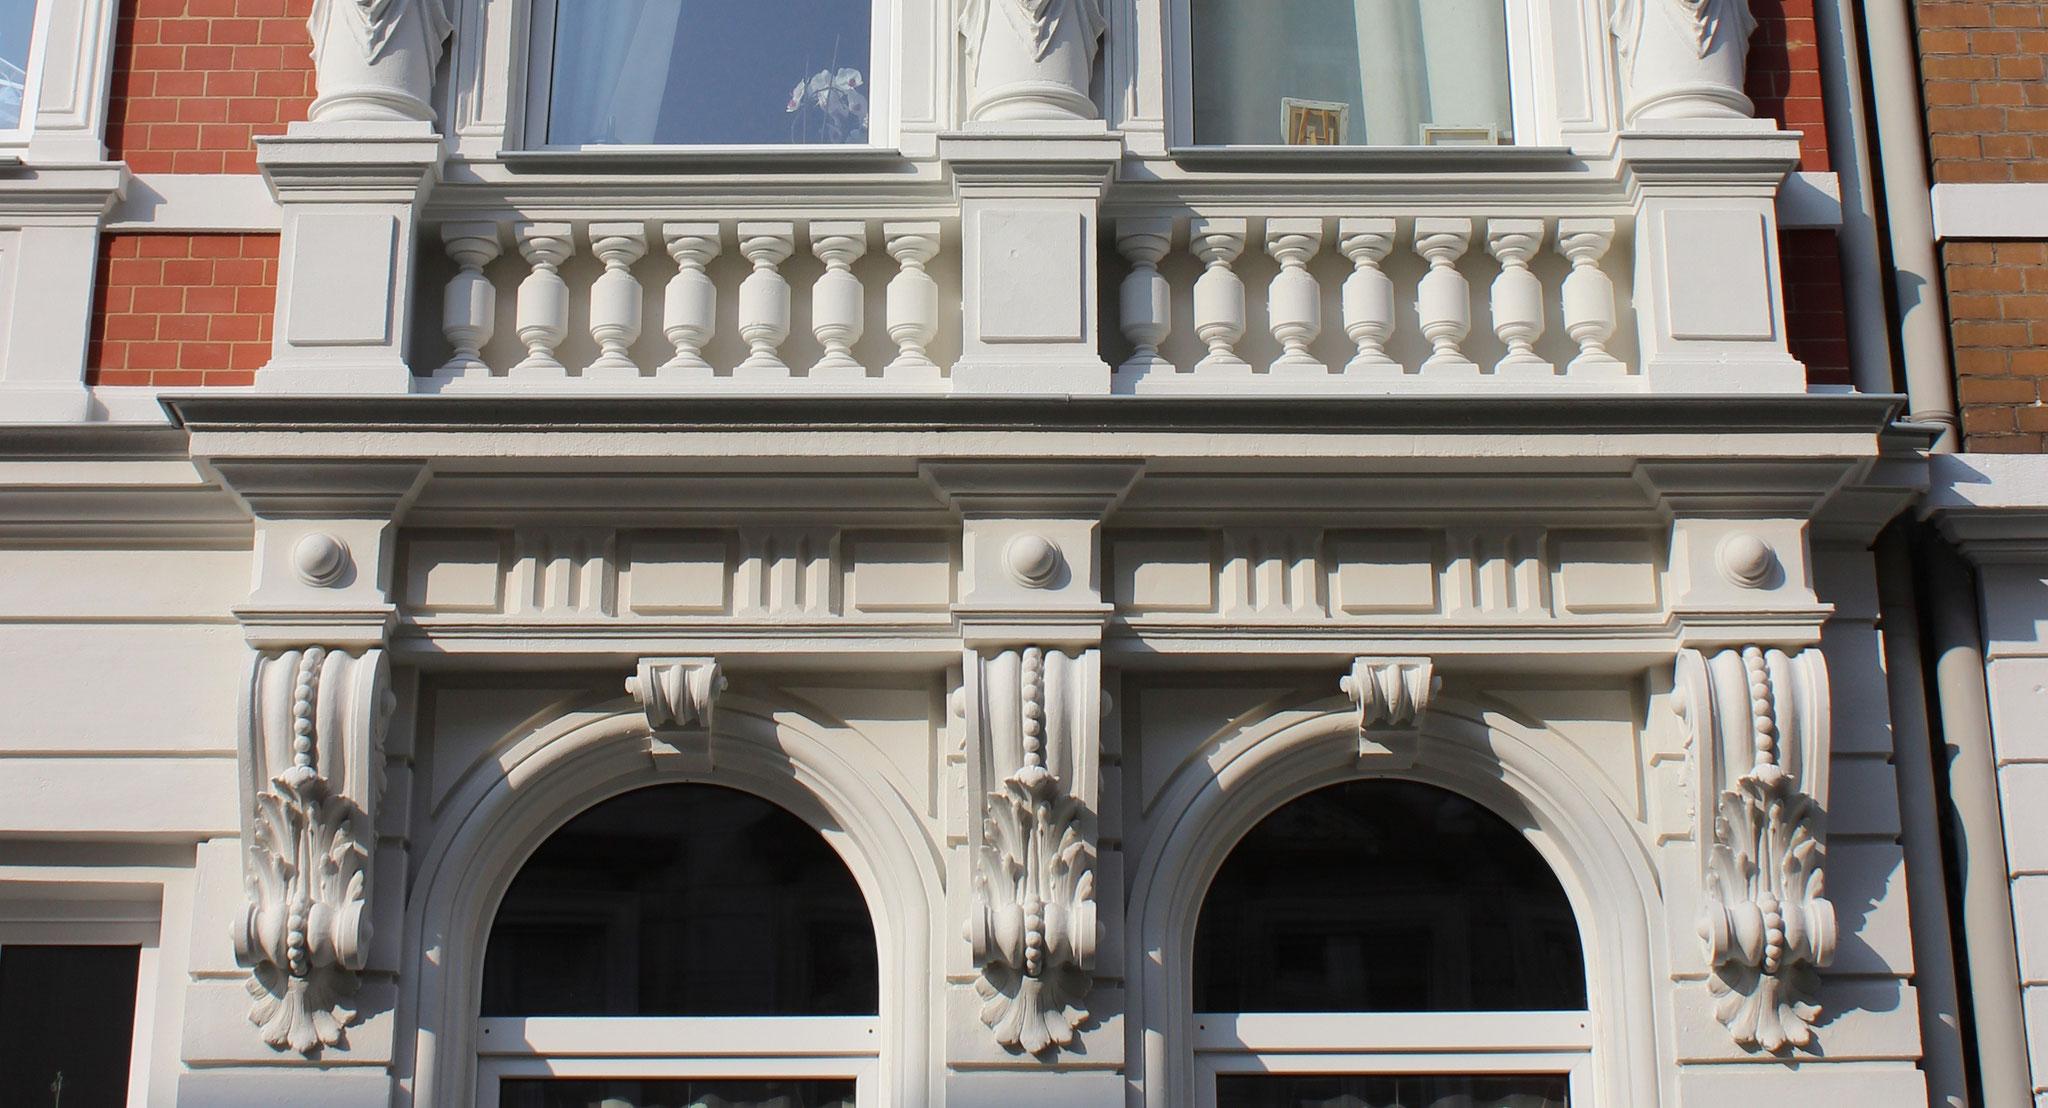 Restaurierte Stuck-, Putz- und Klinkerfassade; Anstrich mit KEIM Granital-System